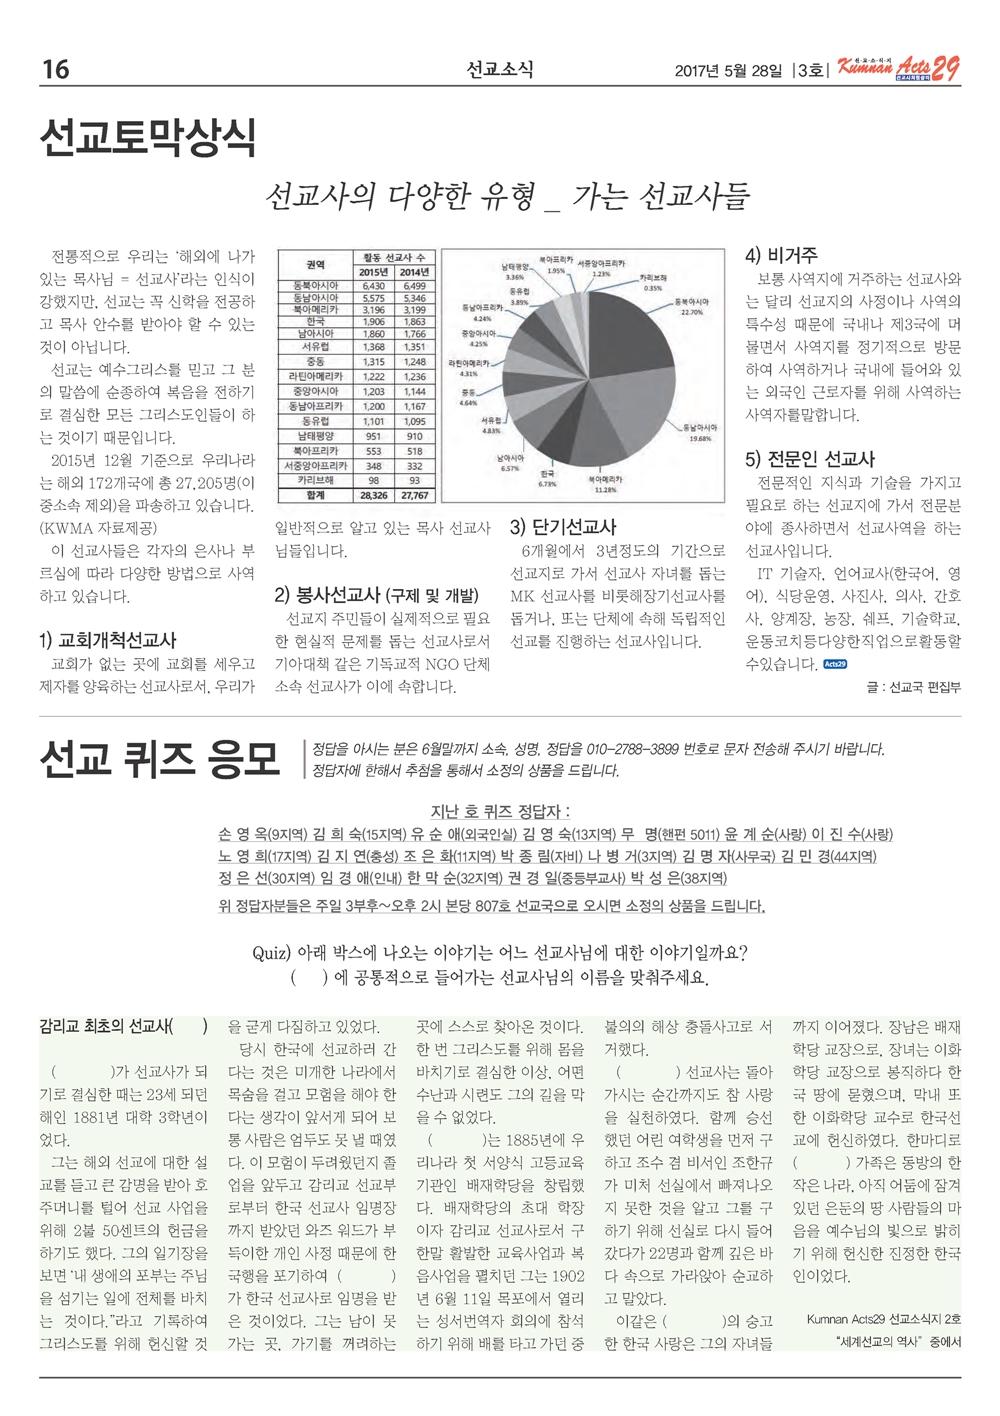 금란선교소식지 3월호_Page_16.jpg